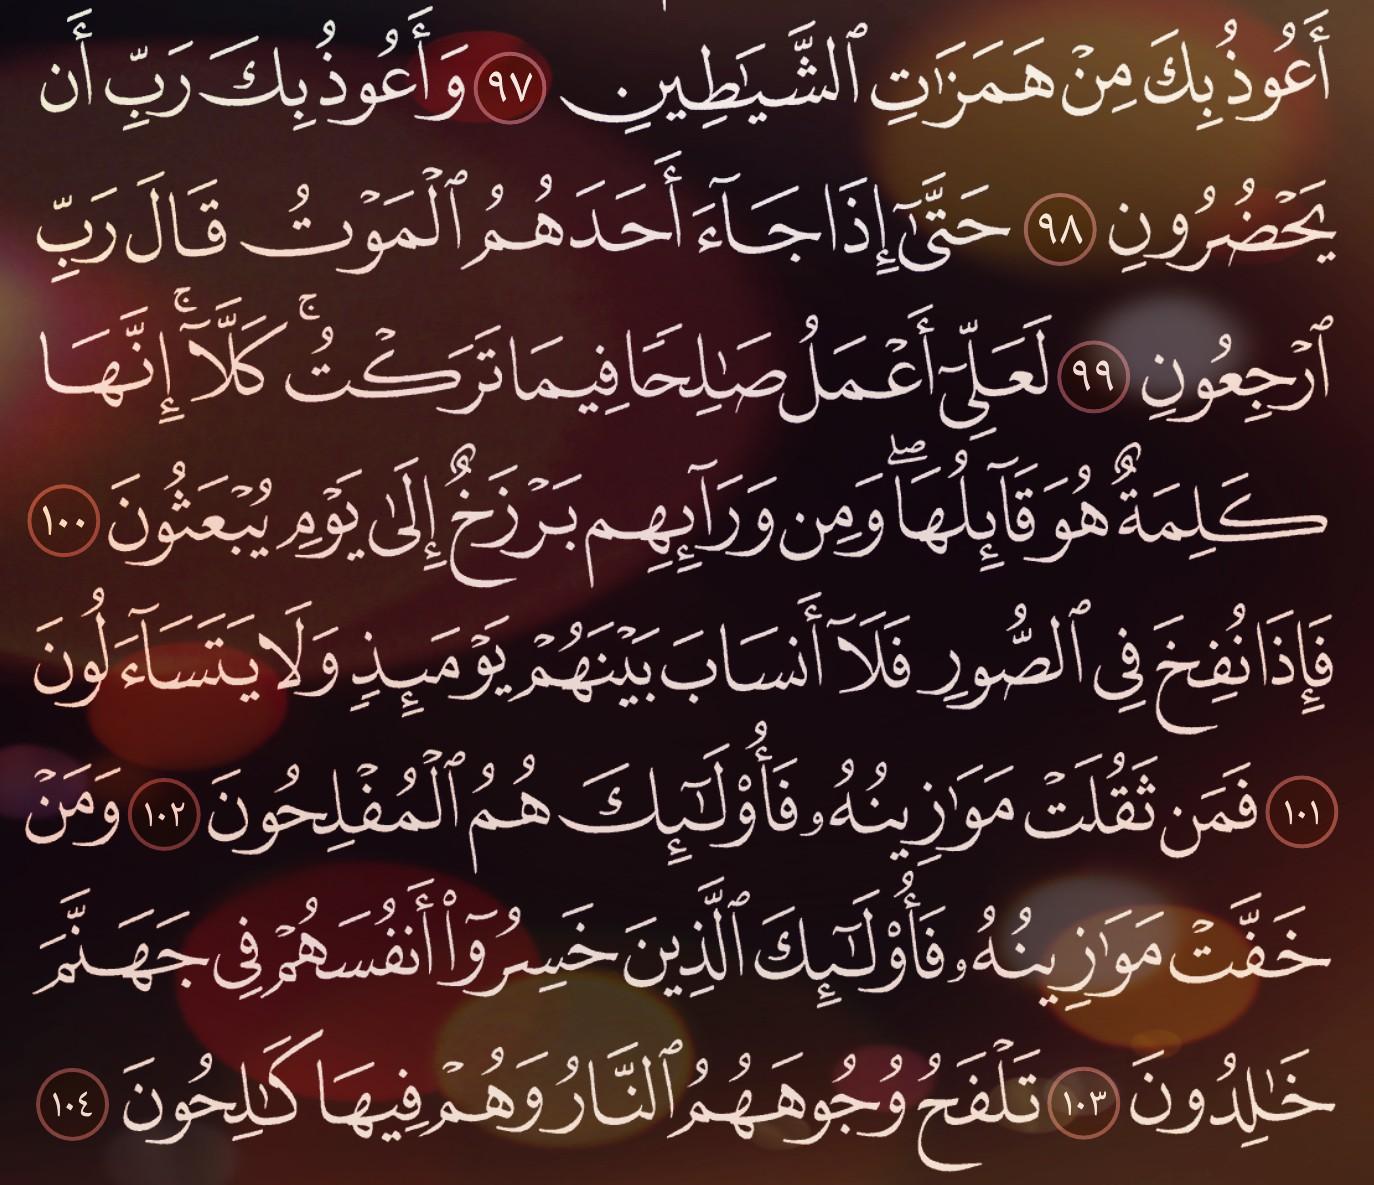 شرح وتفسير سورة المؤمنون Surah Al-Mu'minun ( من الآية 97 إلى الاية 118 )